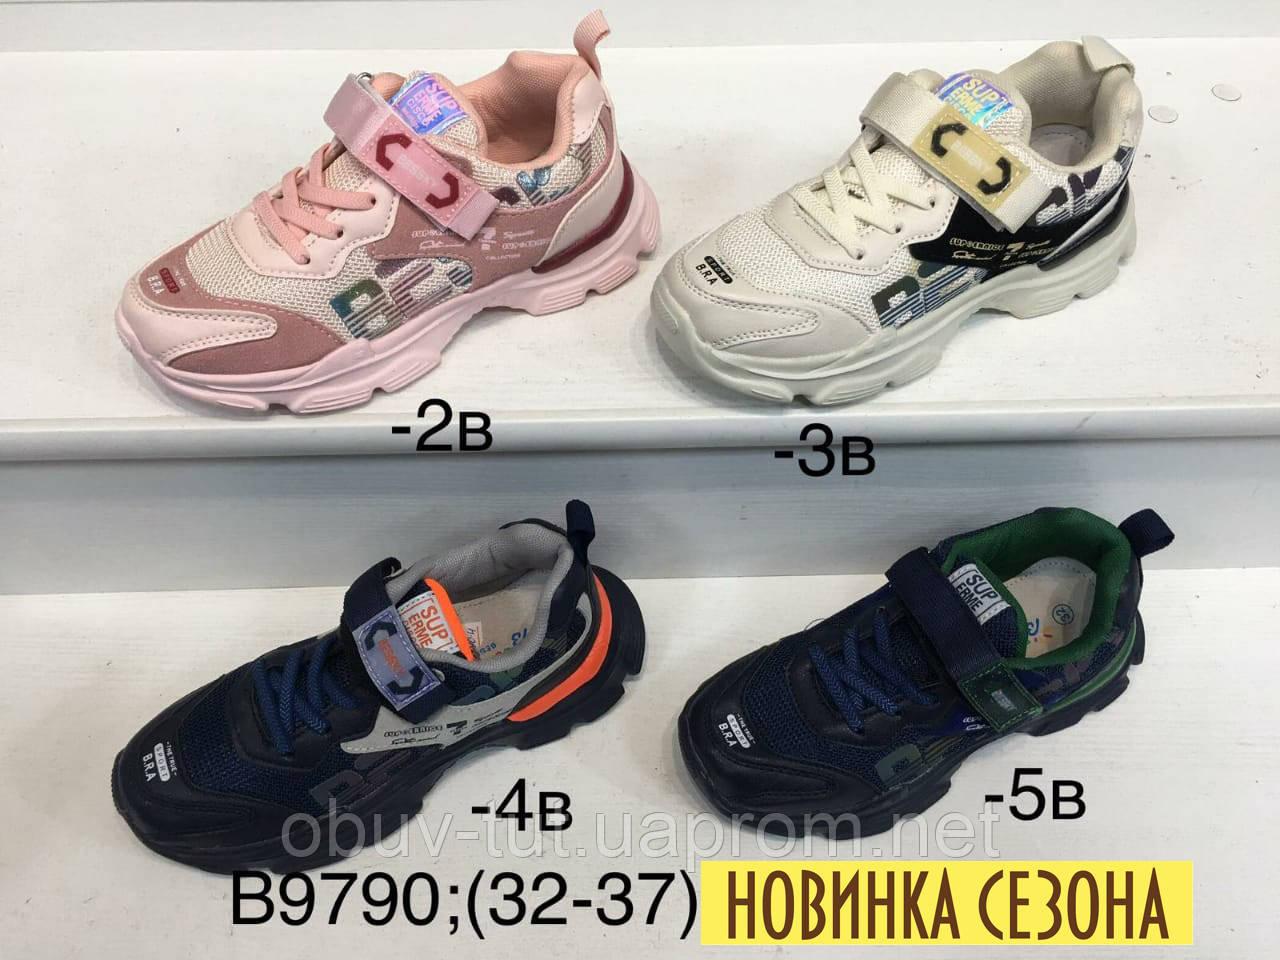 Новые детские и подростковые кроссовки НОВИНКА 2021 года, размеры 32-37